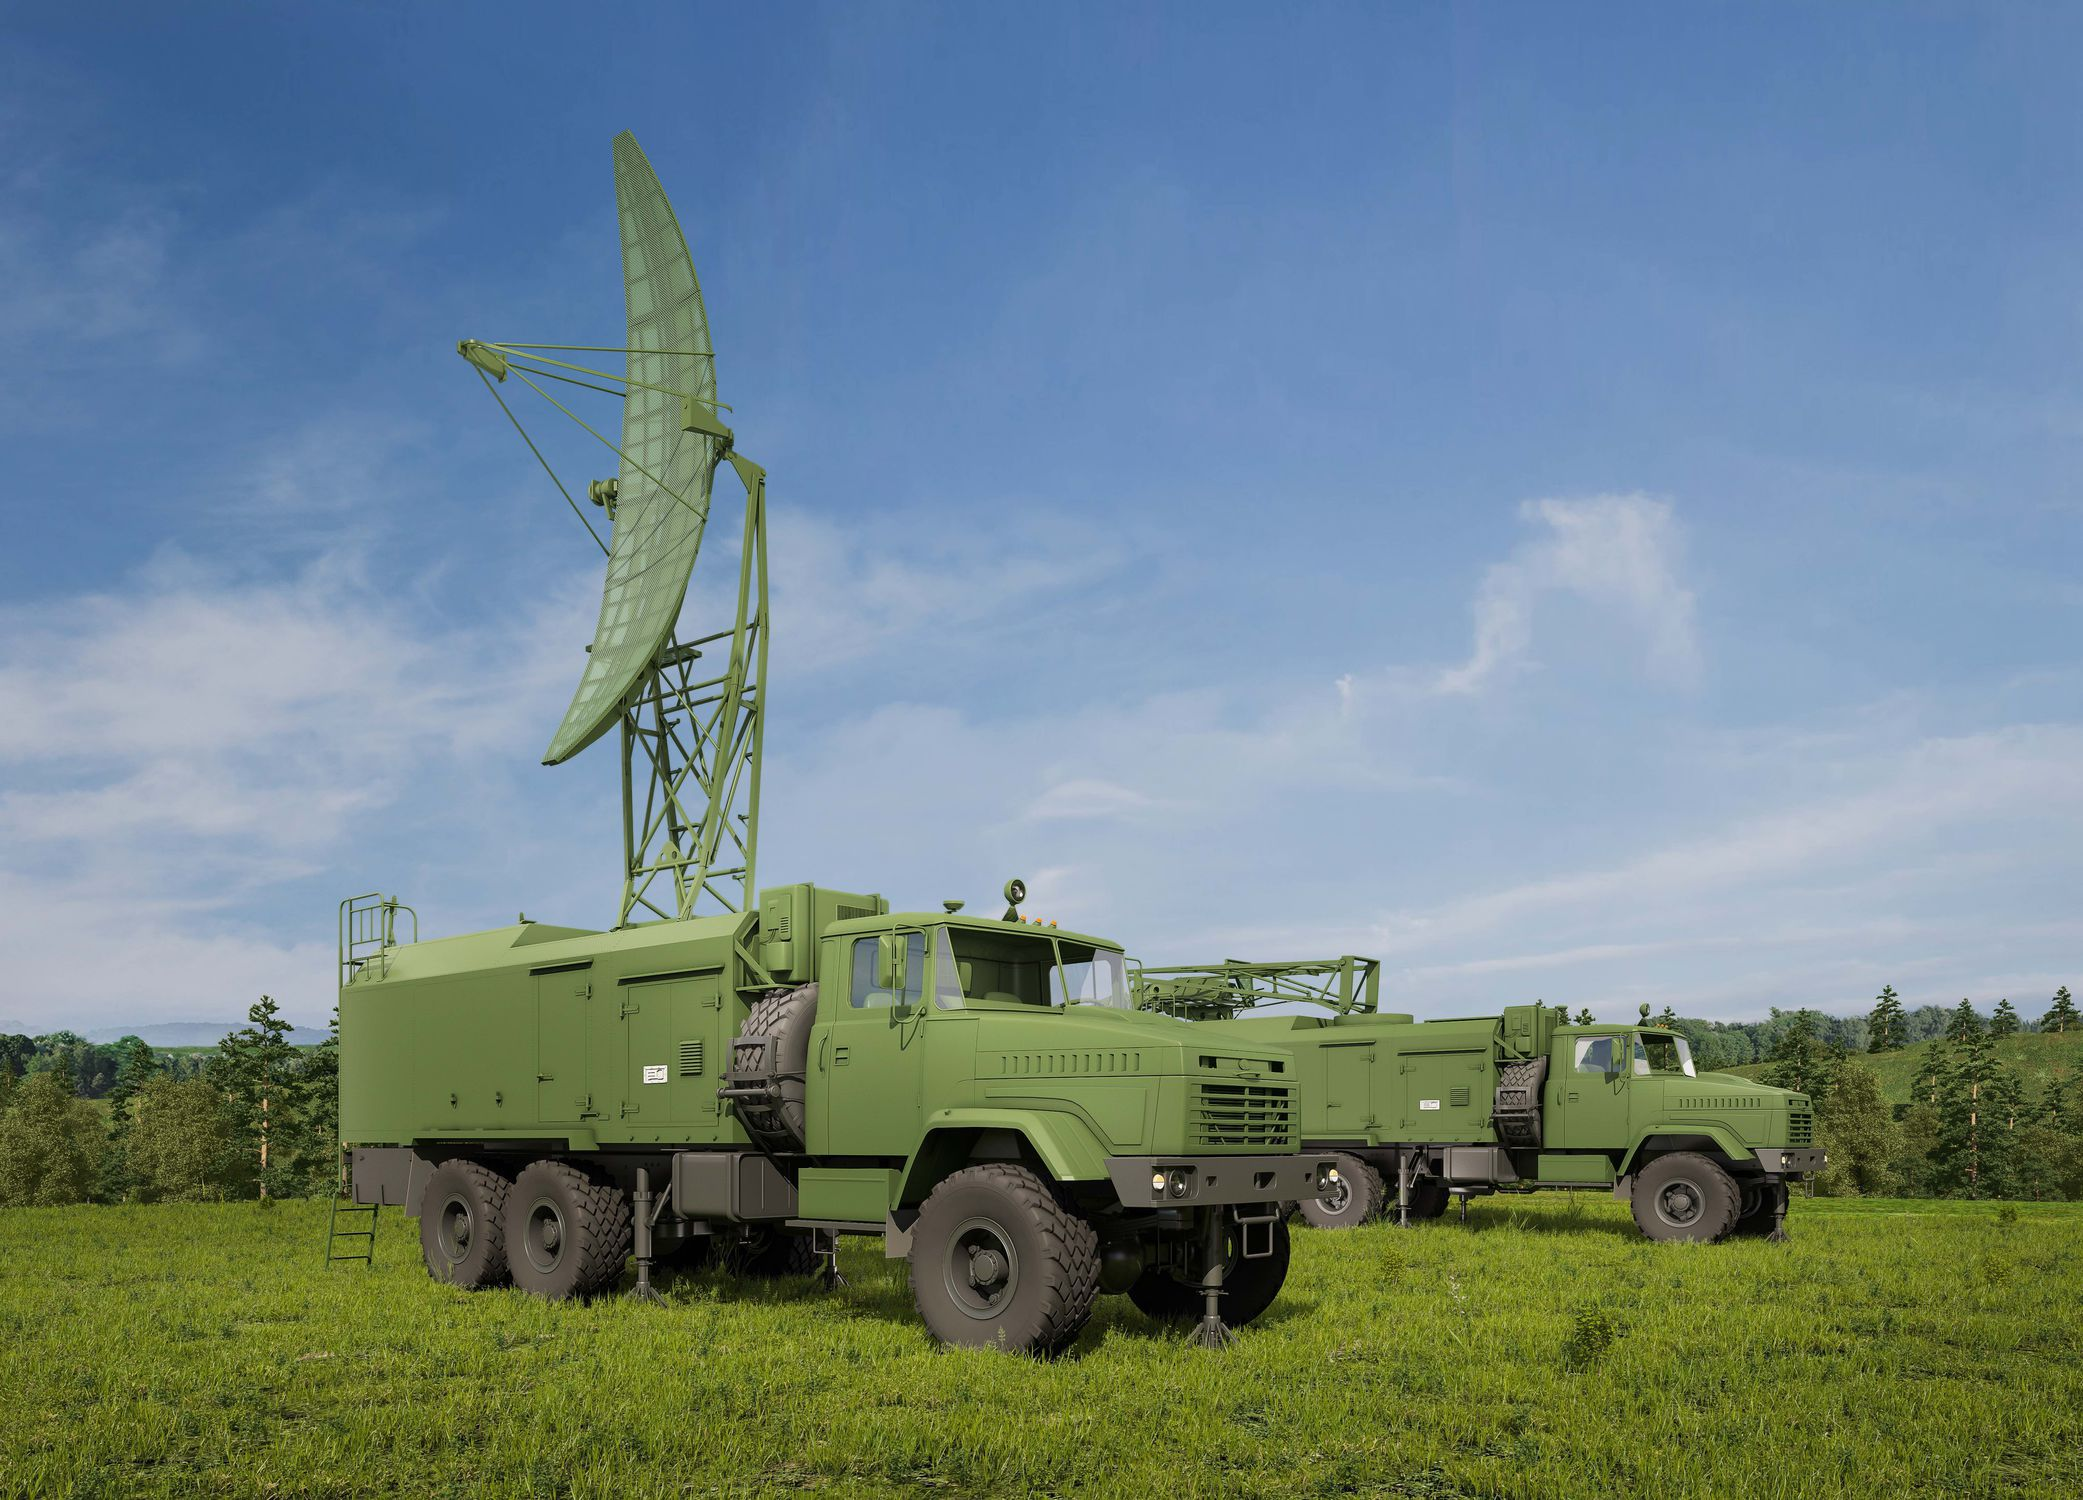 Entfernungsmessung Mit Radar : Radar zur Überwachung primär boden prv ma aerotechnica